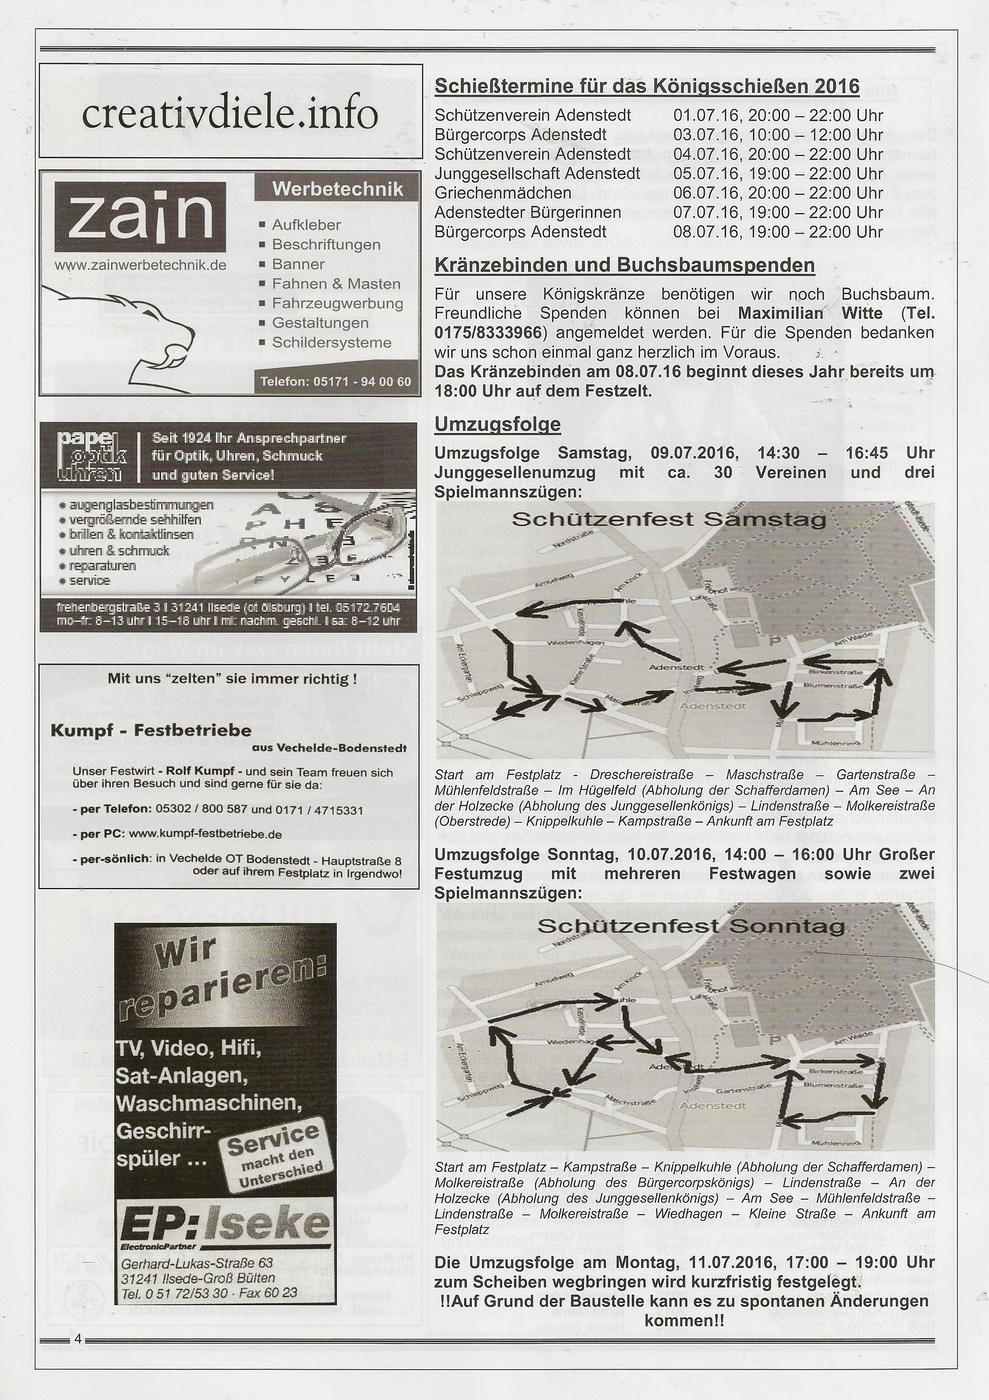 www.gelbesblatt.info Festschrift der JG zum Adenstedter Schützenfest